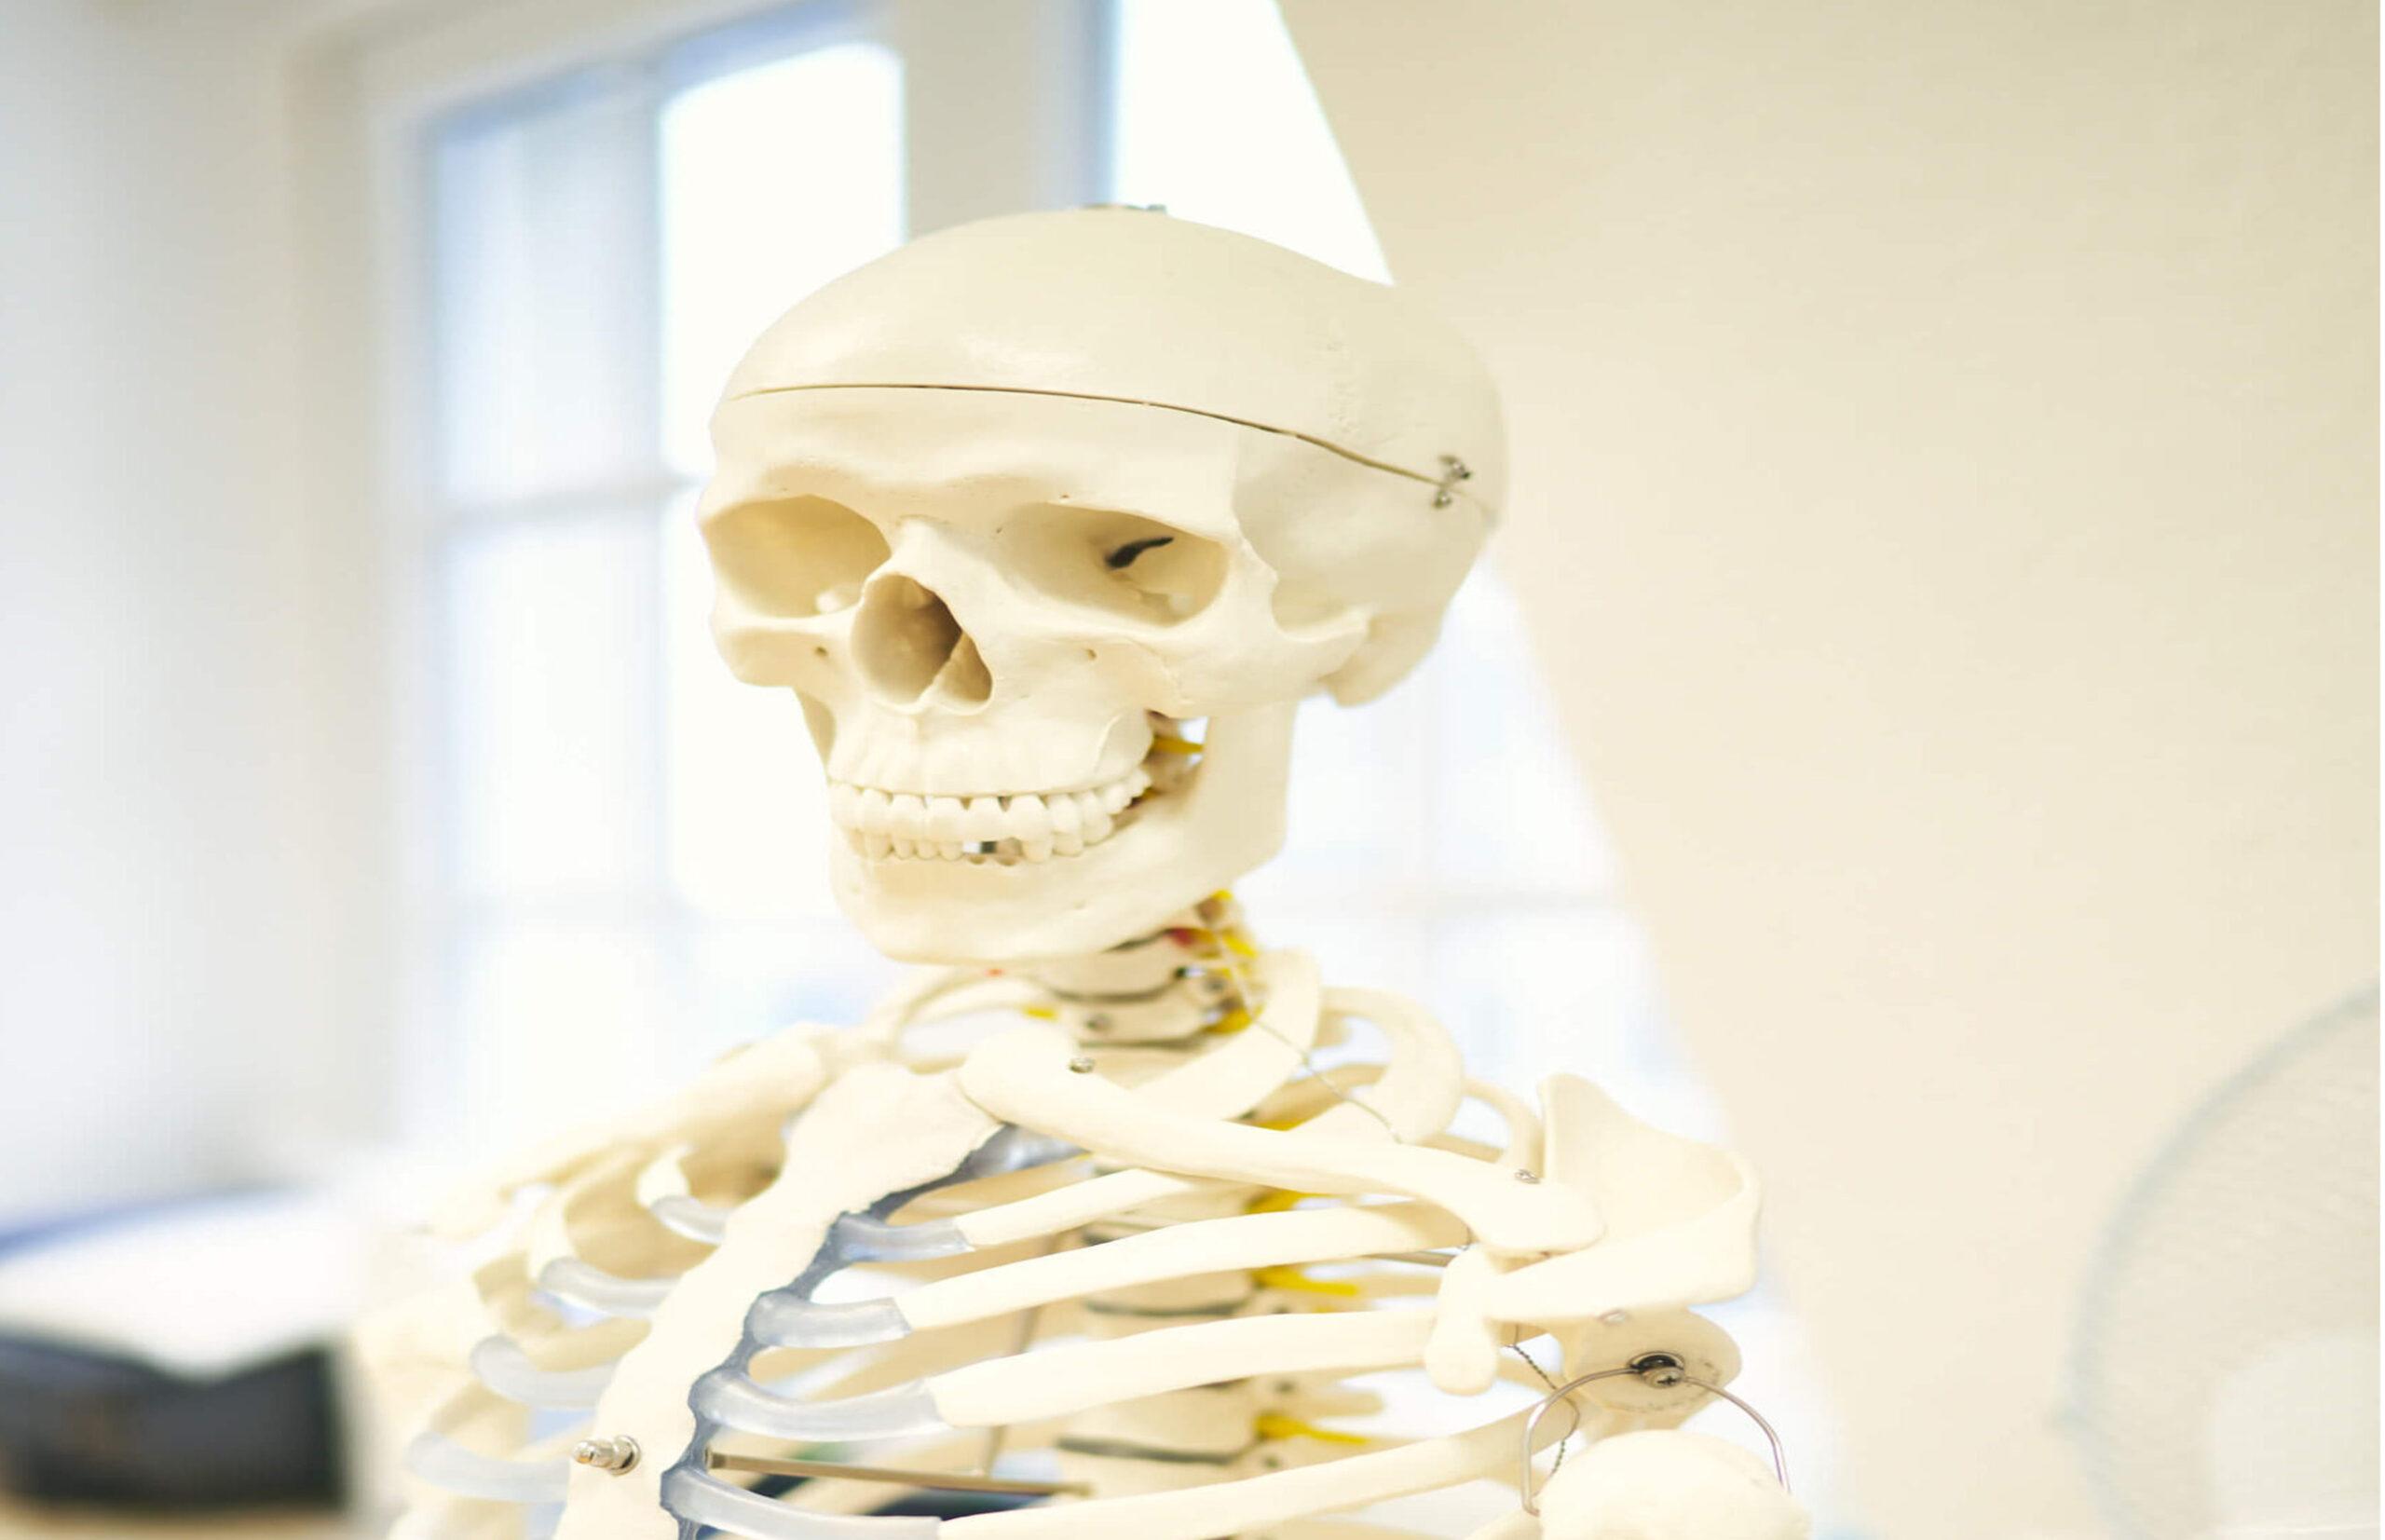 Diese Abbildung zeigt ein Skelett